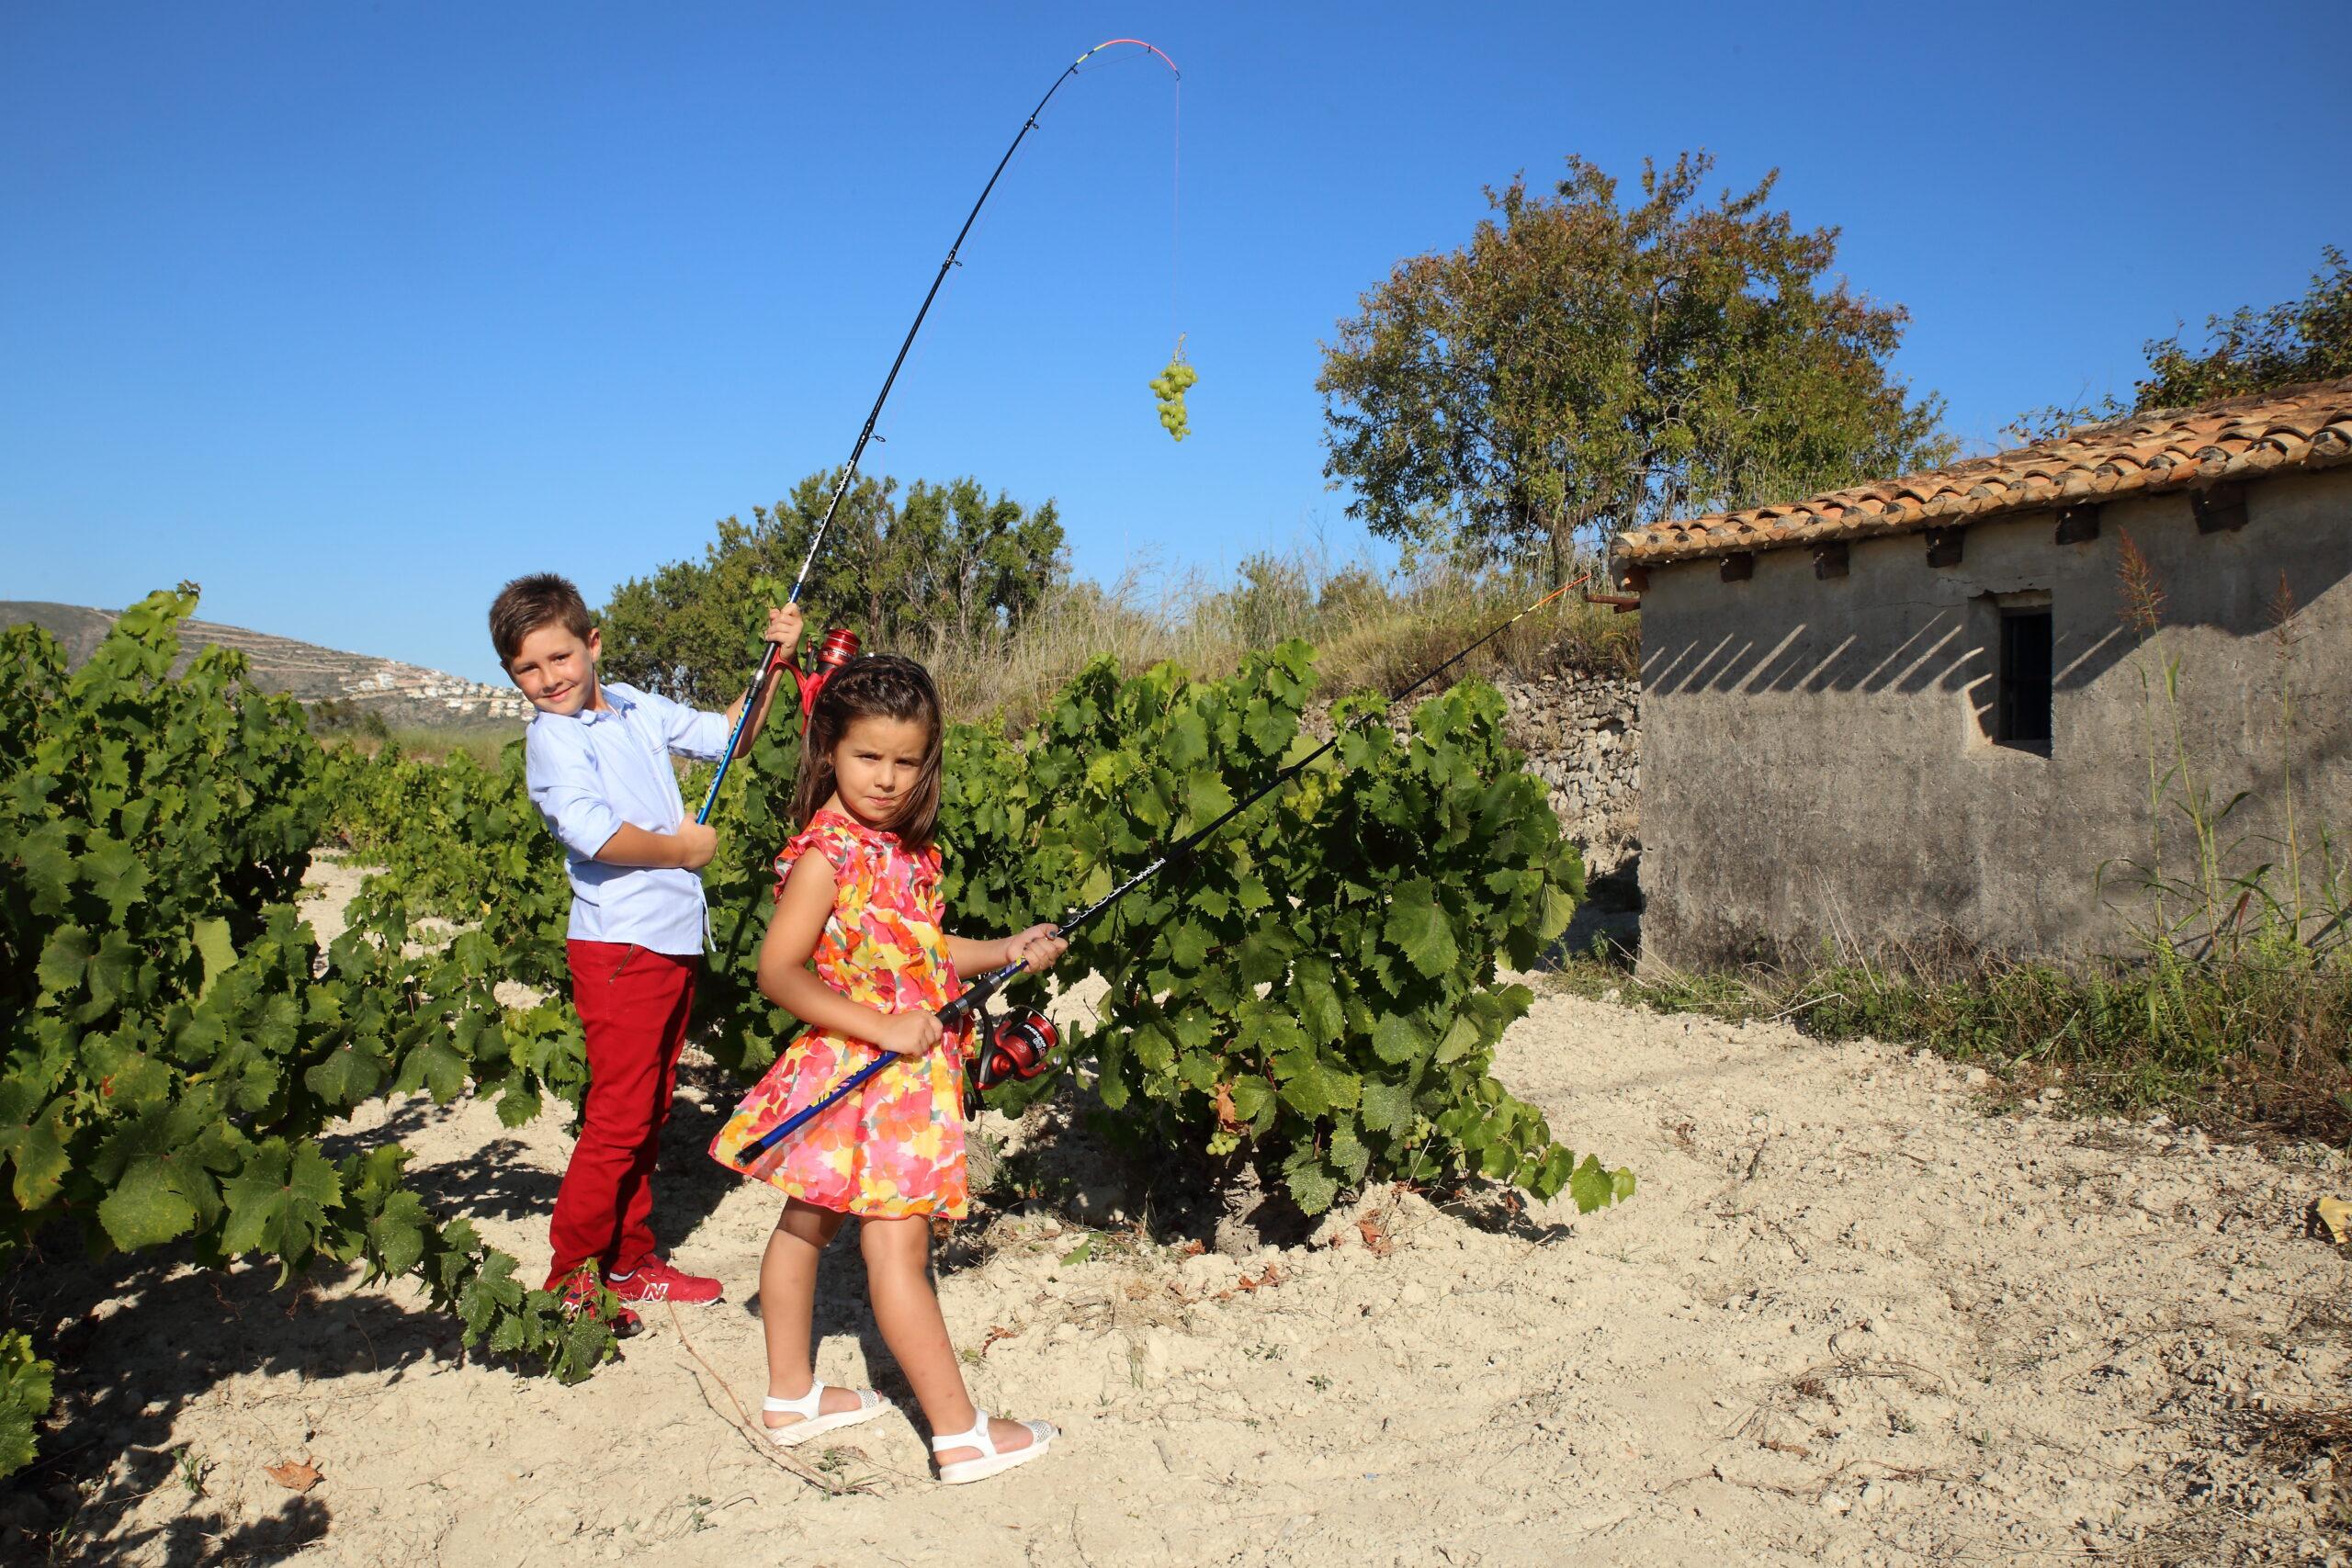 Compra y disfruta en Teulada Moraira